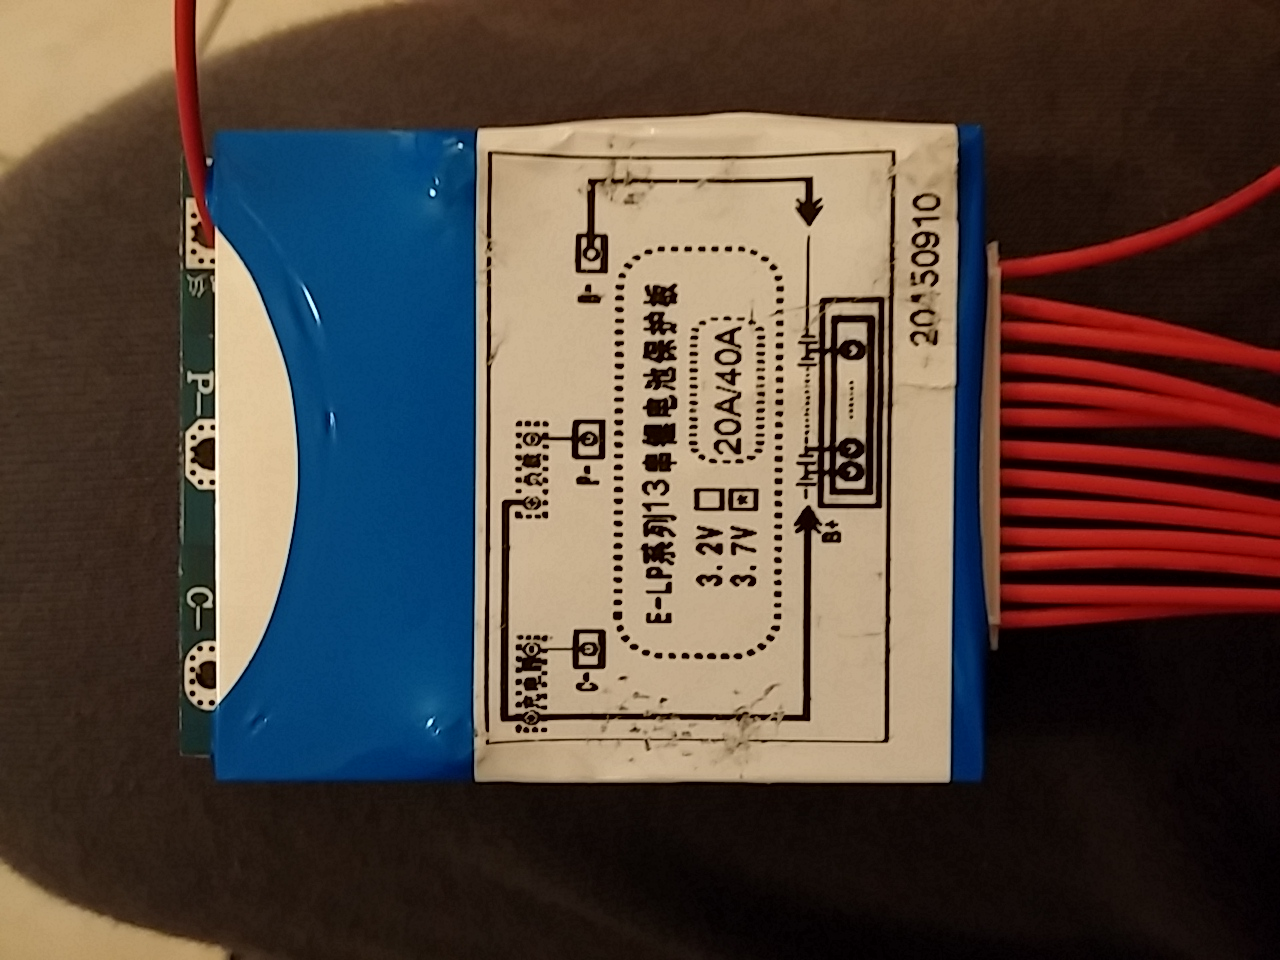 Schema Collegamento Bms : S a lifepo bms pcm pcb circuito di protezione della batteria